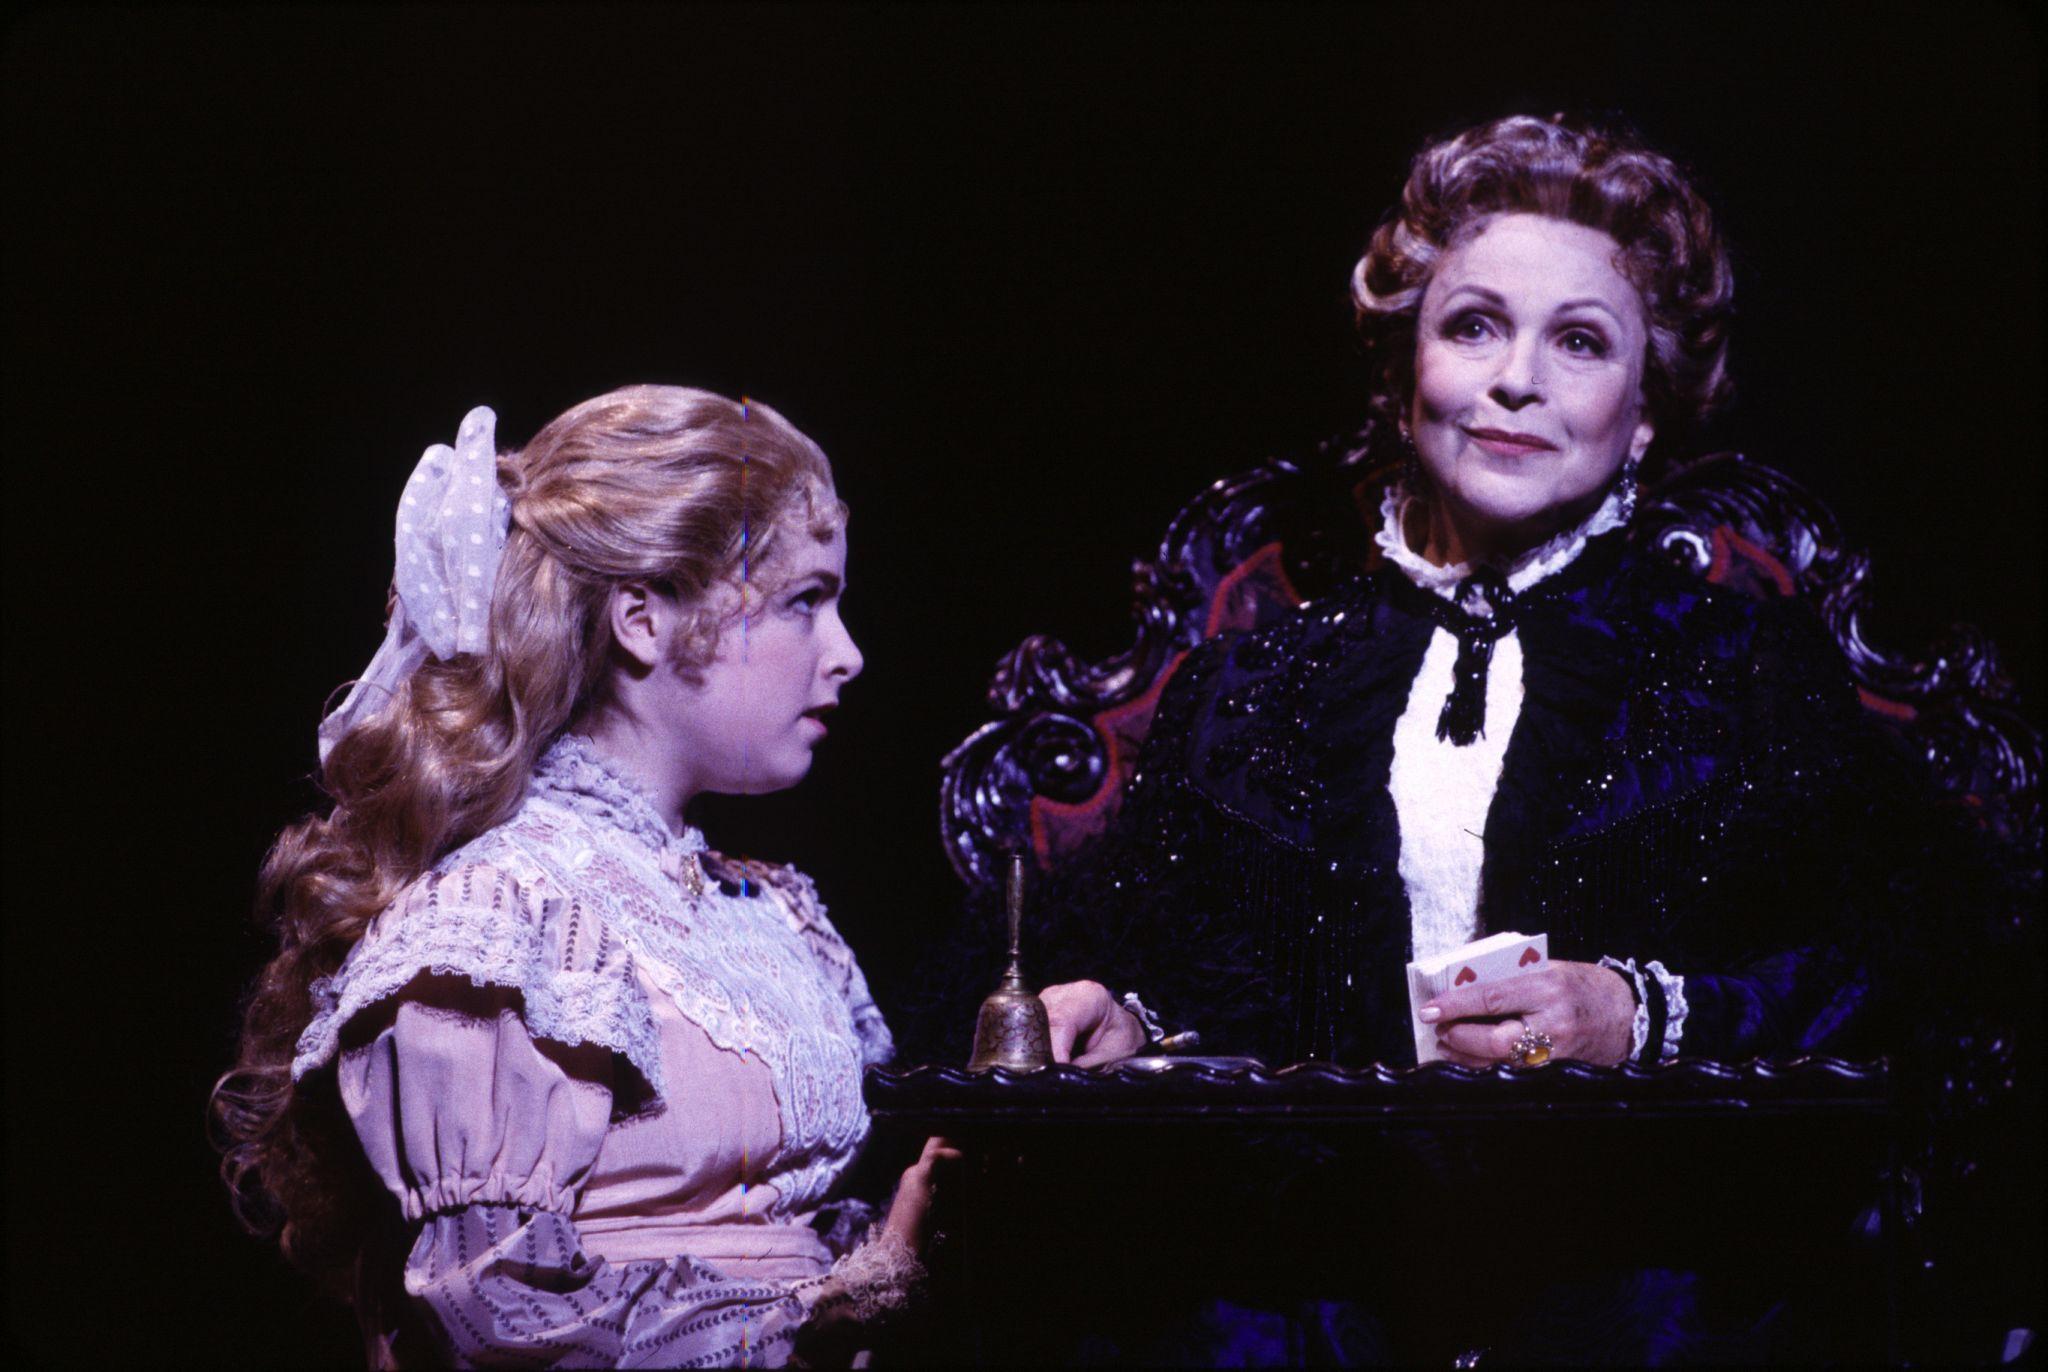 Анна Кендрик маленькая фото на Бродвее мьюзикл